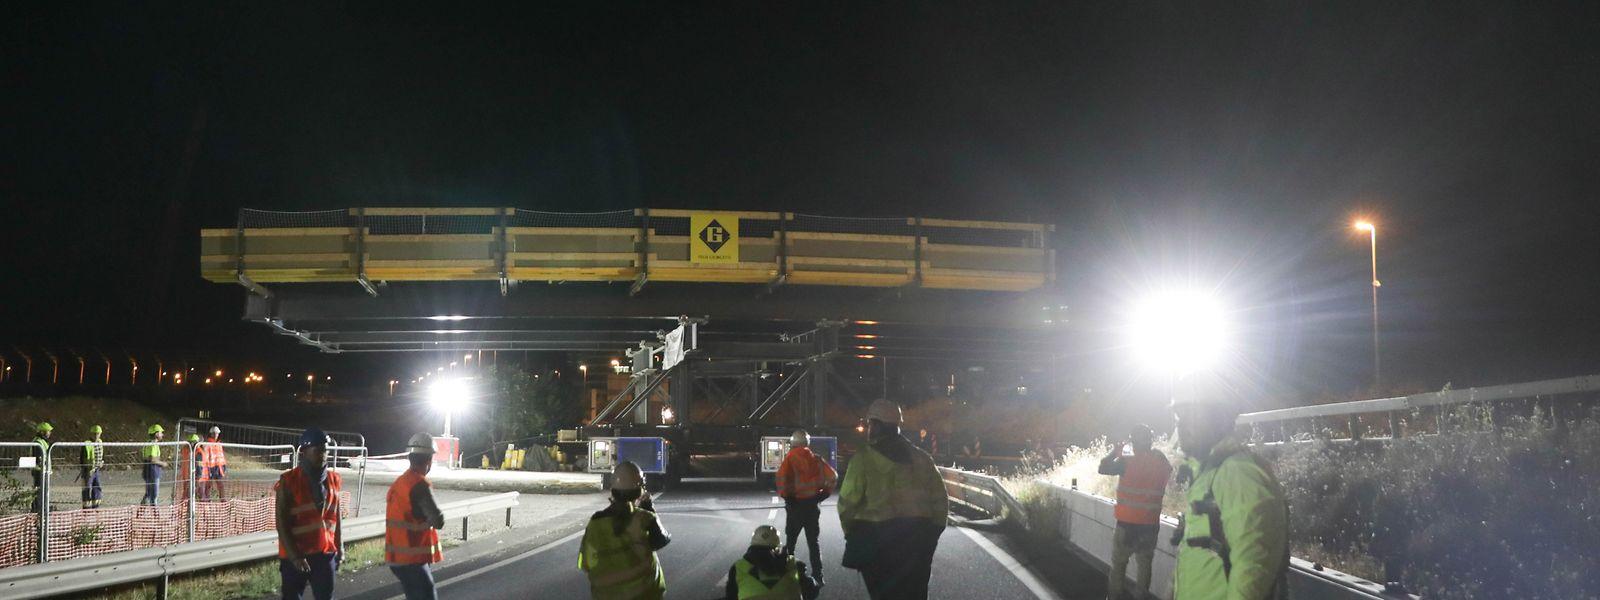 Mit schwerem Gerät wird die neue Brücke eingesetzt.